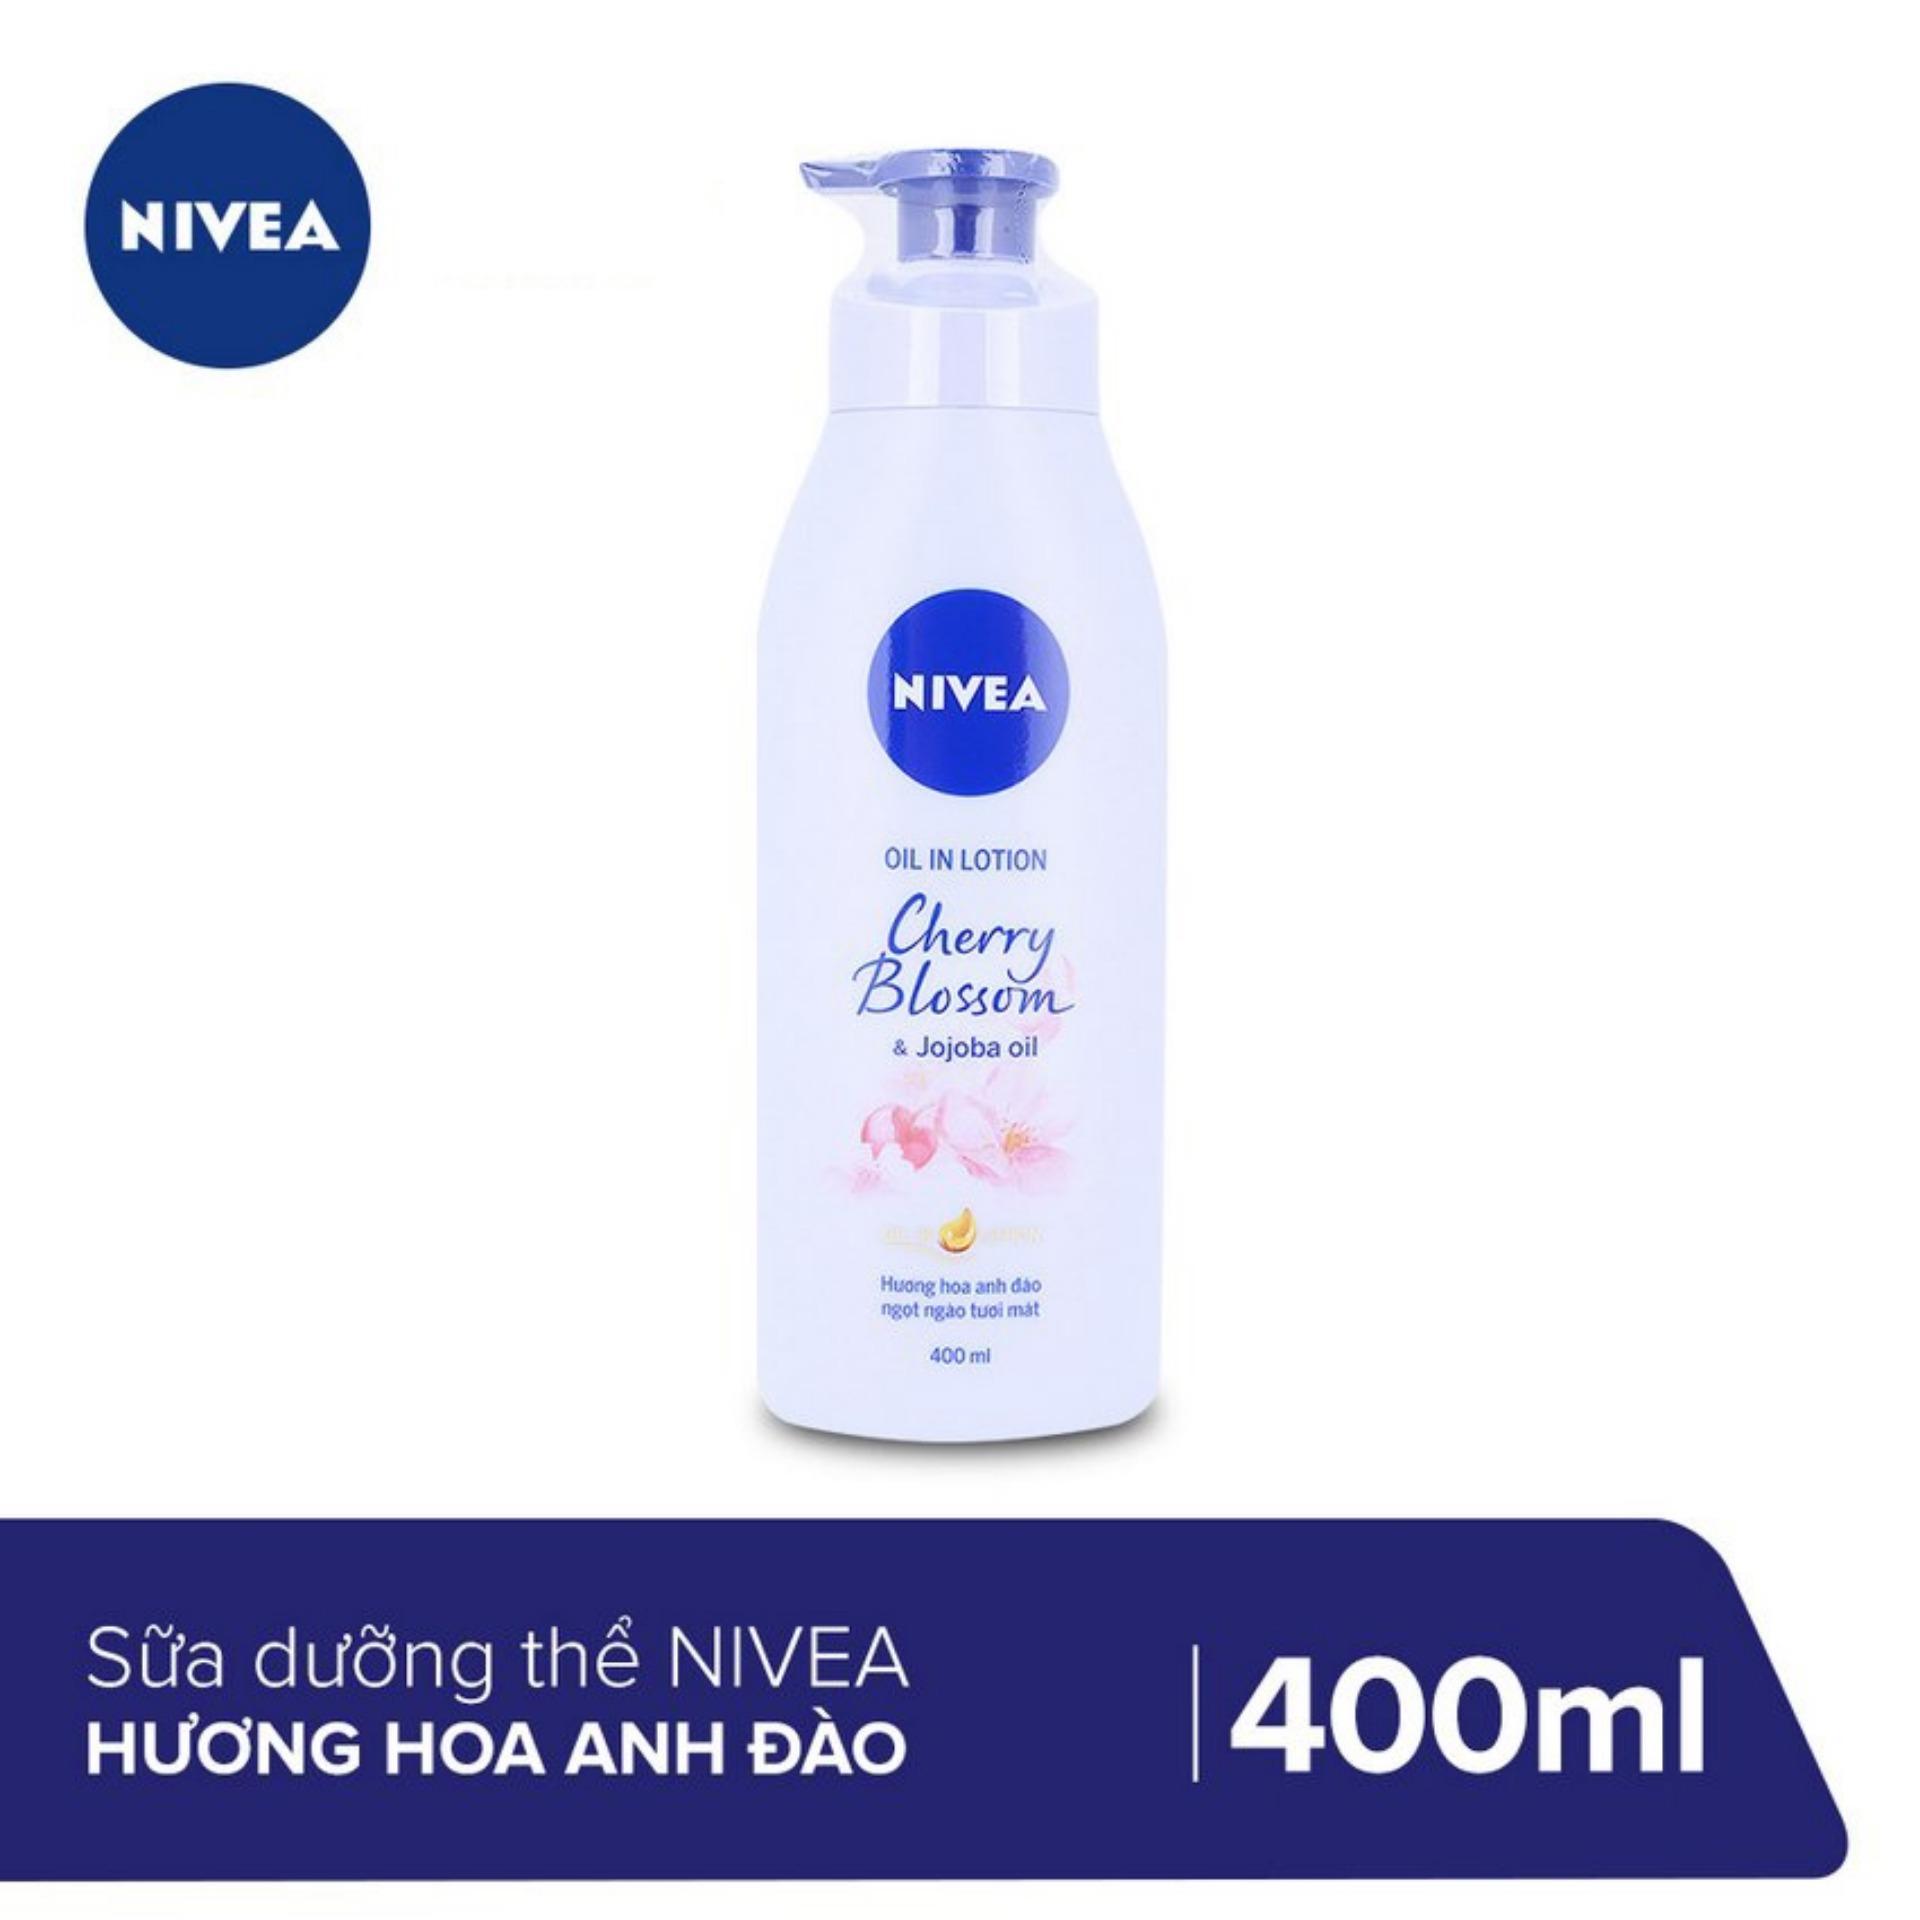 Sữa Dưỡng Thể Nivea Hương Hoa Anh Đào 400ml _ 88441 tốt nhất